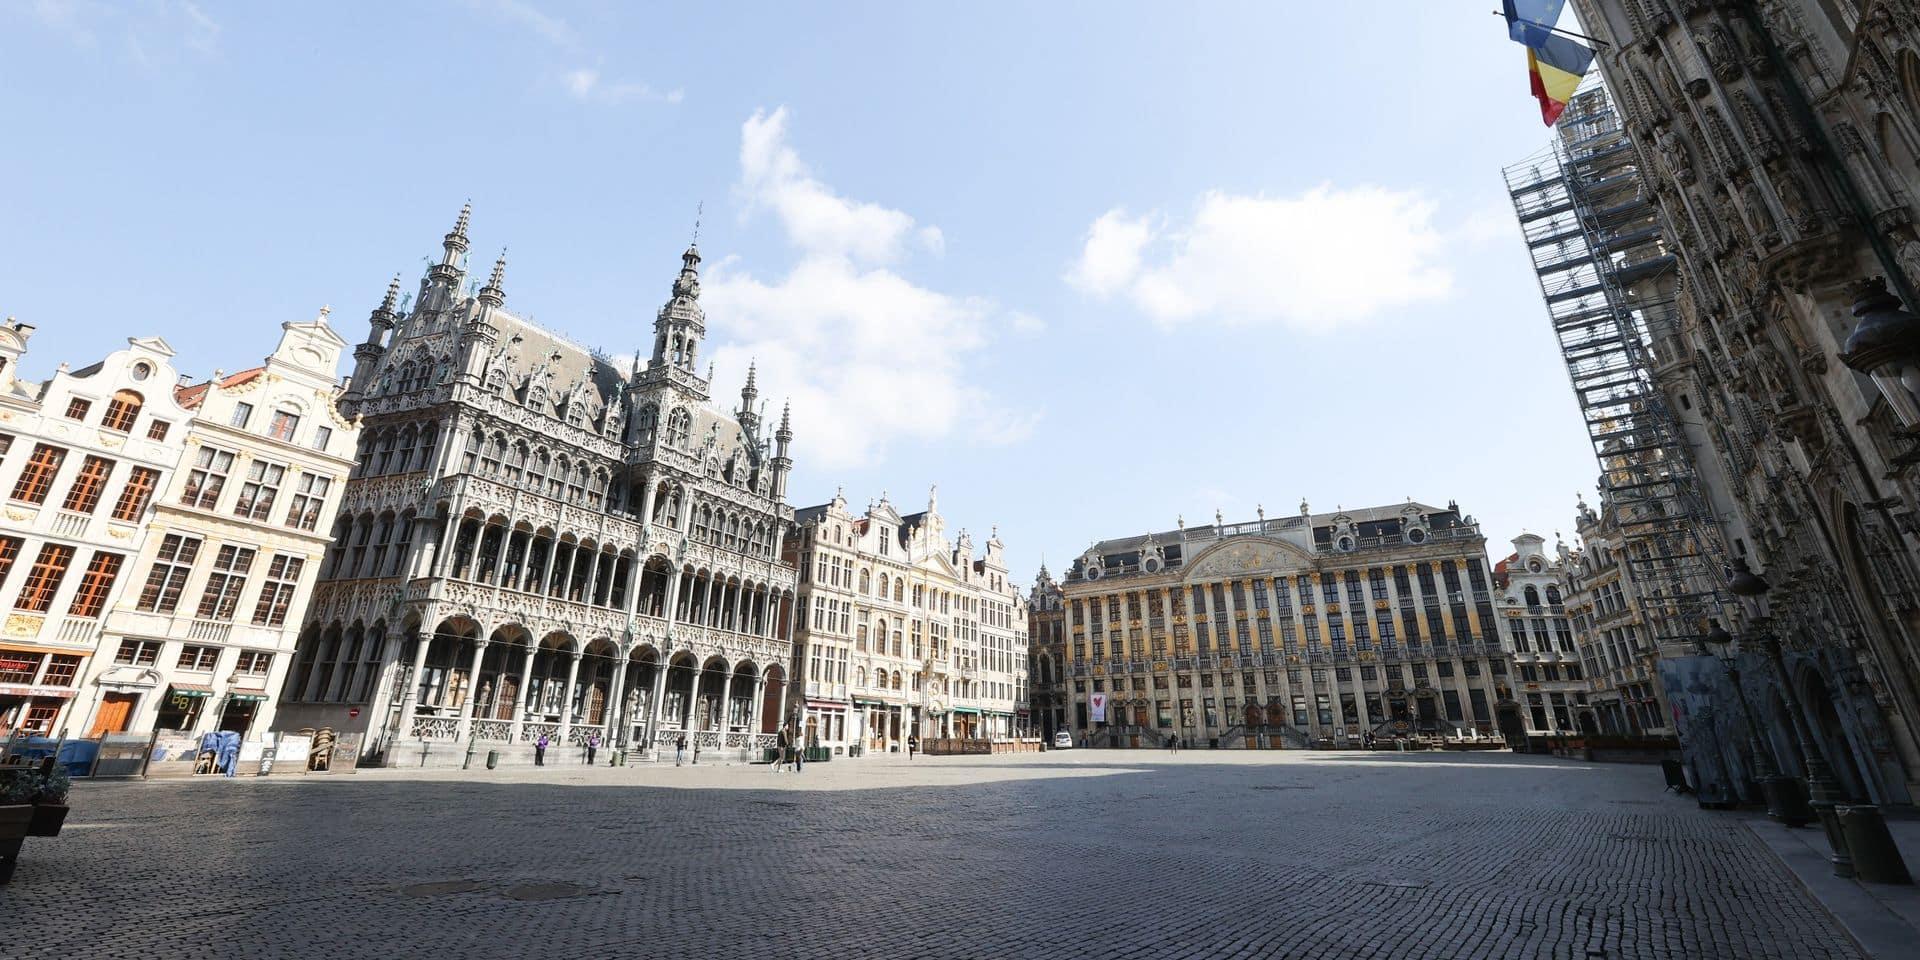 Coronavirus : Bruxelles respire mieux grâce au confinement